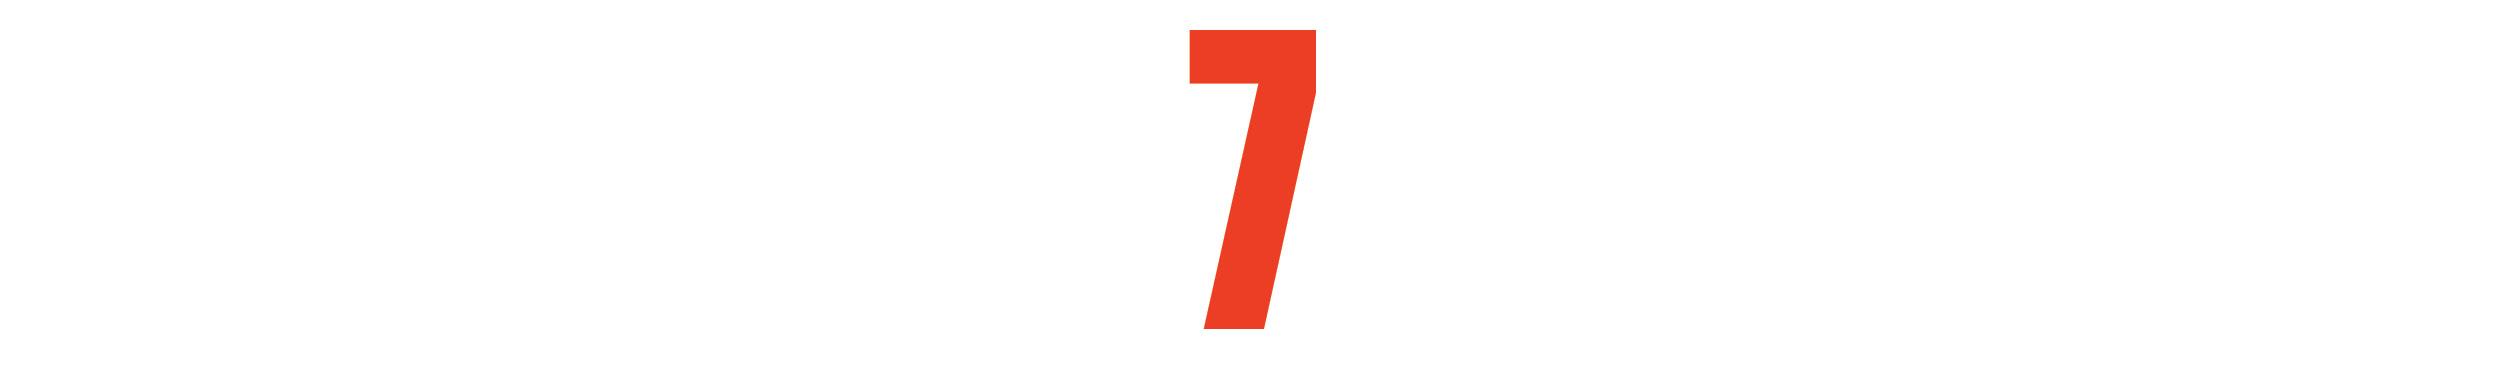 [Image: numbers3.jpg]